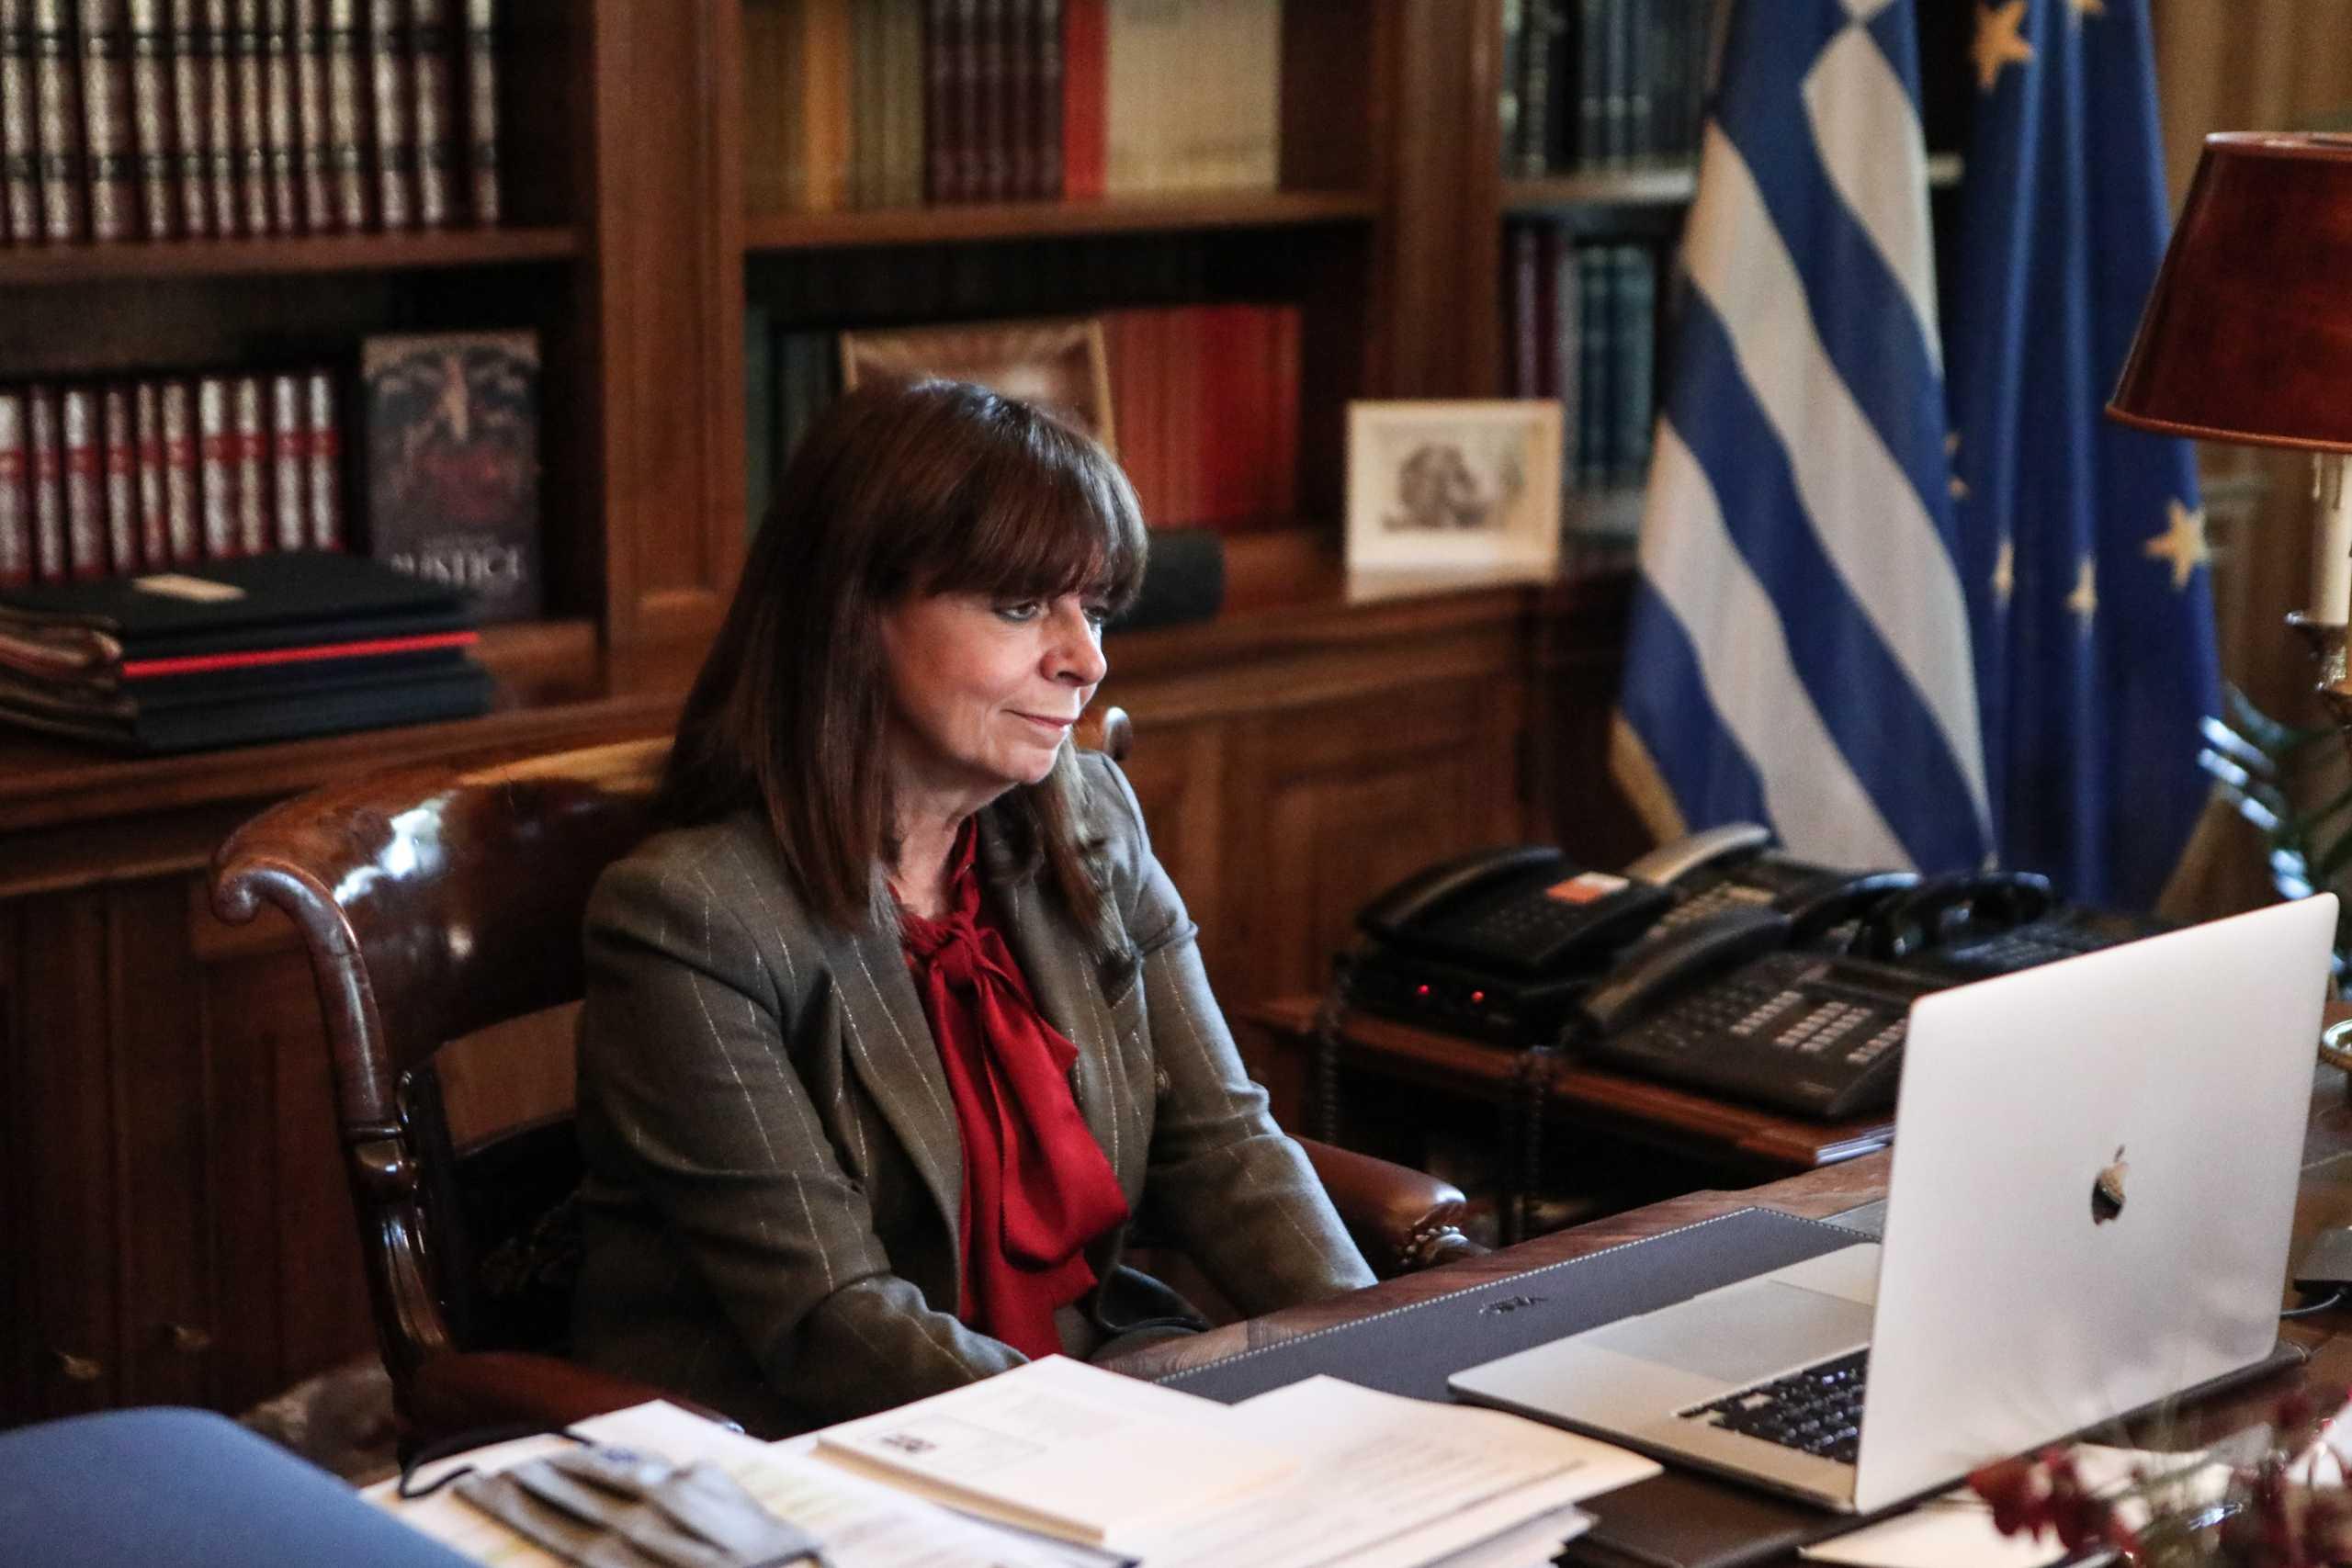 Κατερίνα Σακελλαροπούλου: Στη σκέψη μας σήμερα όσοι βρίσκονται μακριά από την πατρίδα